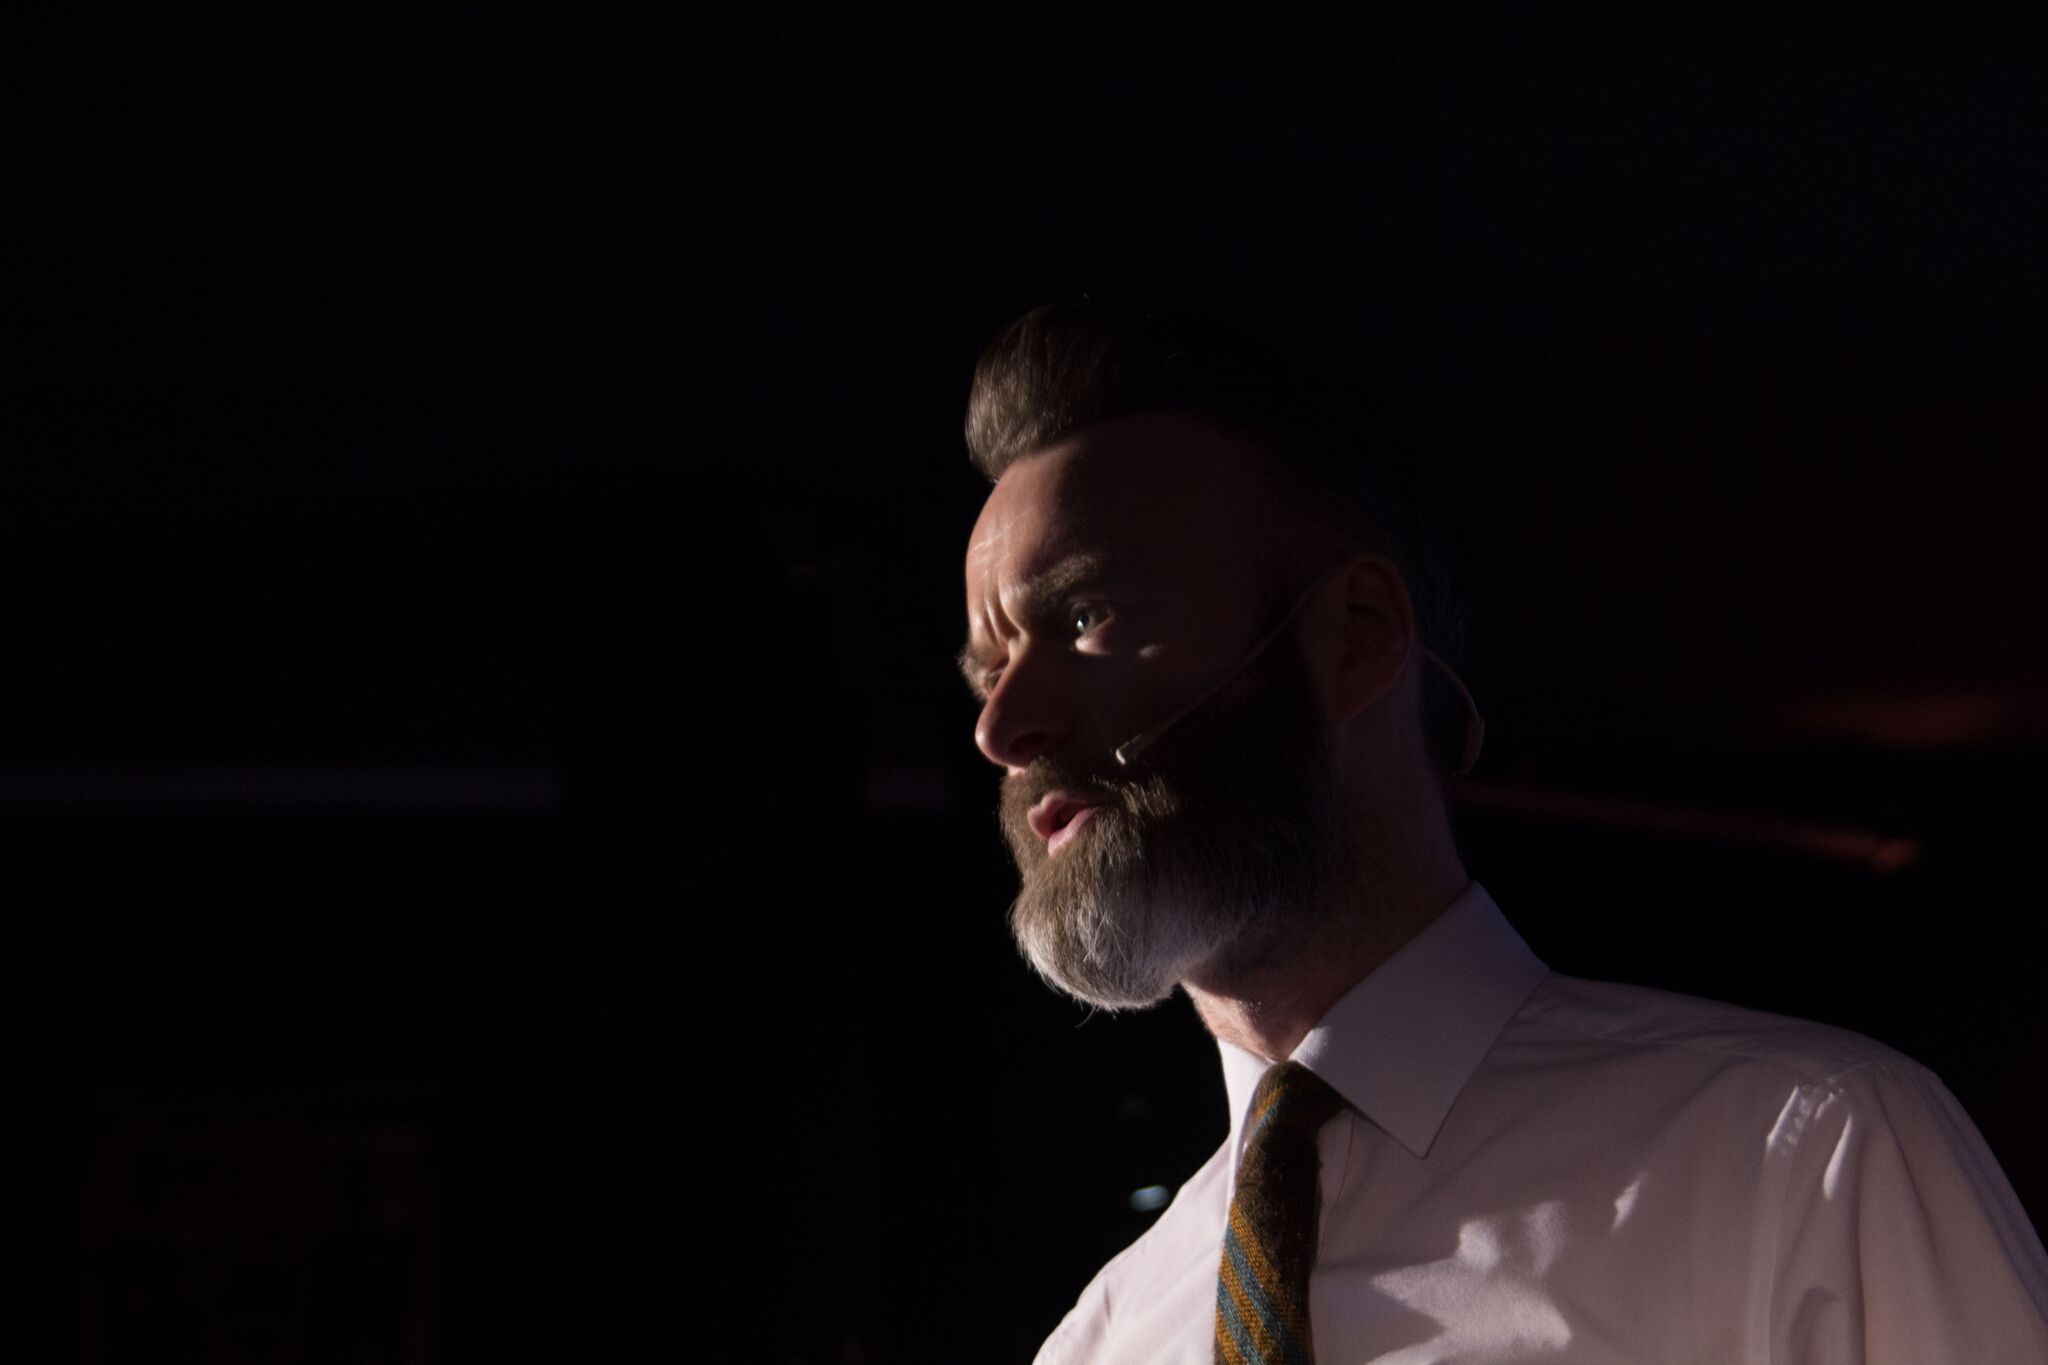 – Our industry should reflect our society. Manager, bookingagent og foreleser Andy Inglis krydret dagen med personlige anekdoter fra et langt liv i musikkindustrien. Foto: Lasse Fosshaug/NOPA